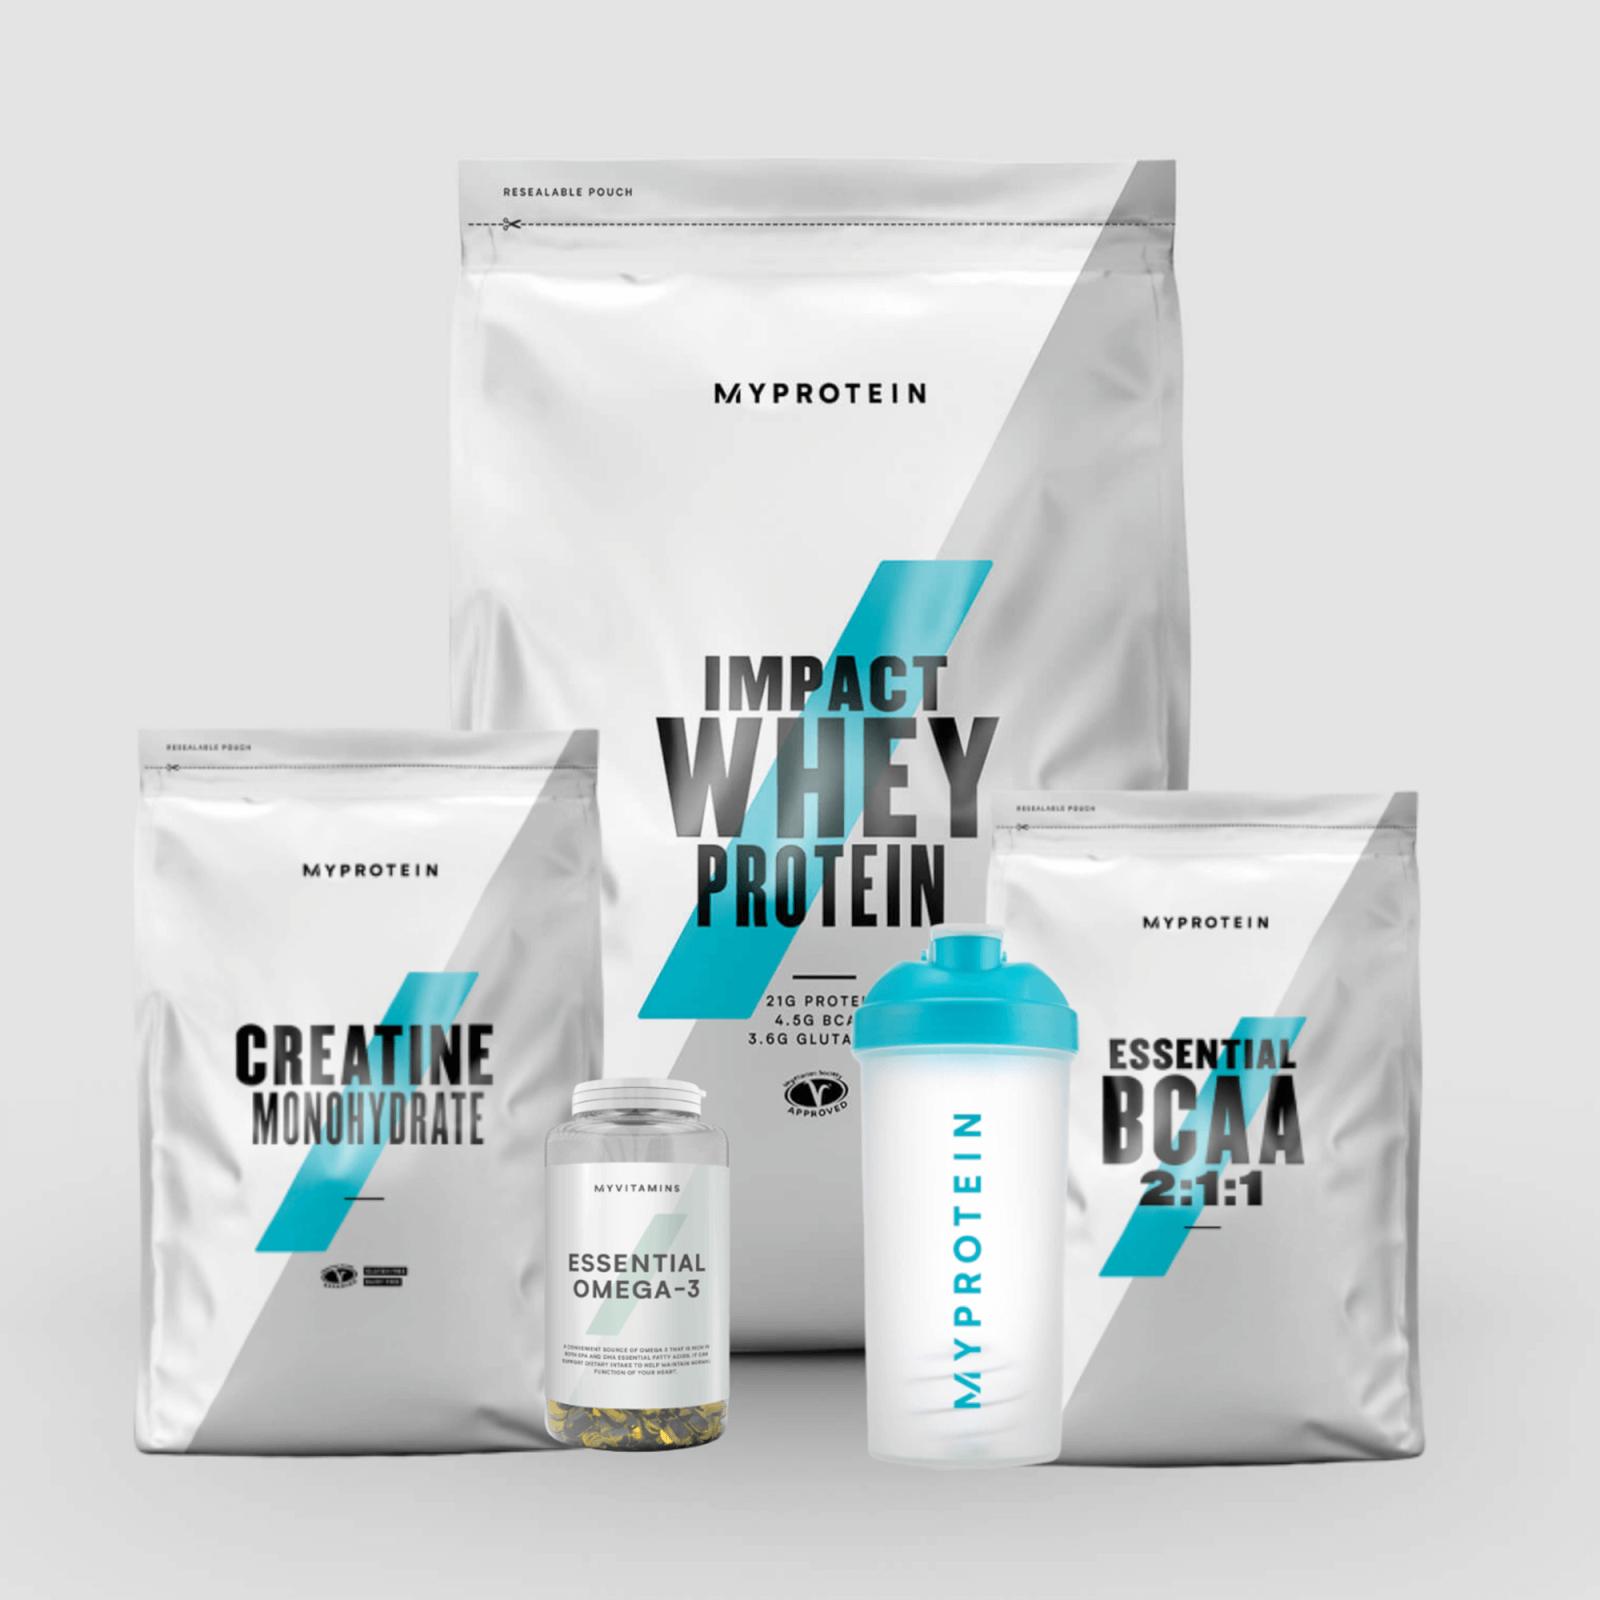 Pack Essentiel : 1kg d'Impact Whey Protéine Vanille + 250g de BCAAs Grenadine + 500g de créatine monohydrate + 250 capsules Oméga 3 + Shaker